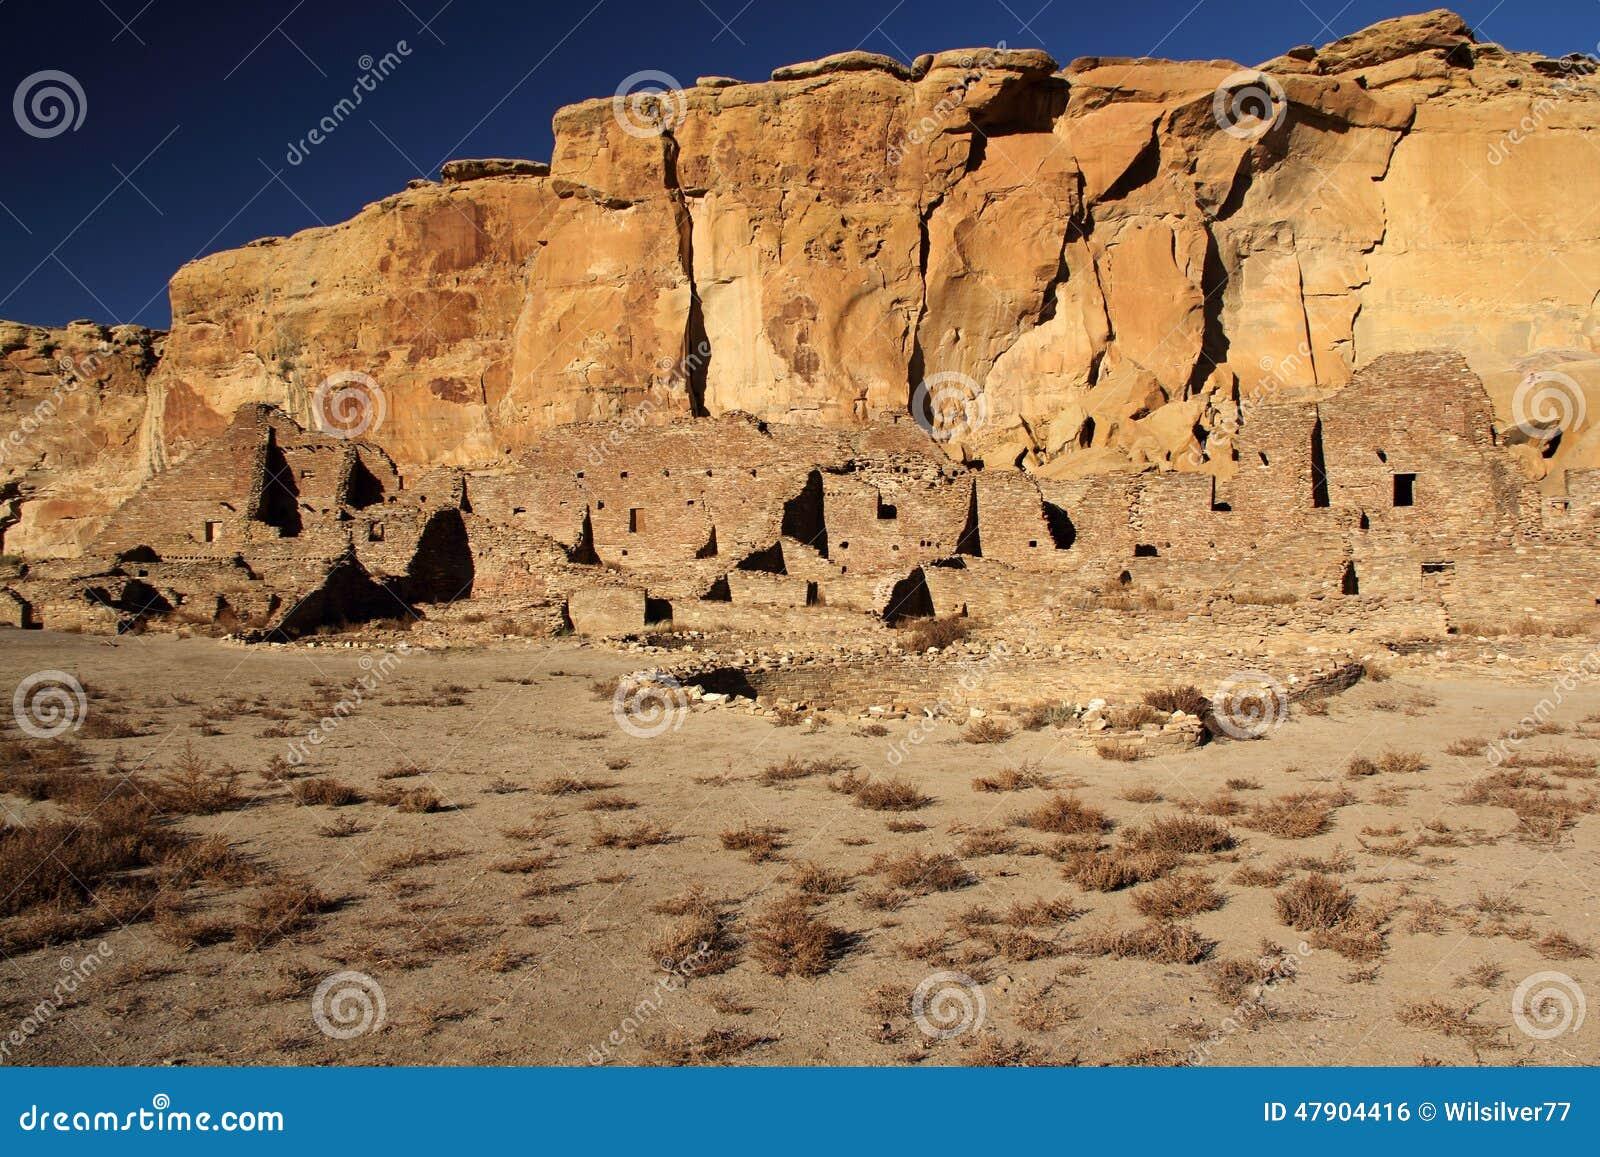 Pueblo Ruins and Kiva